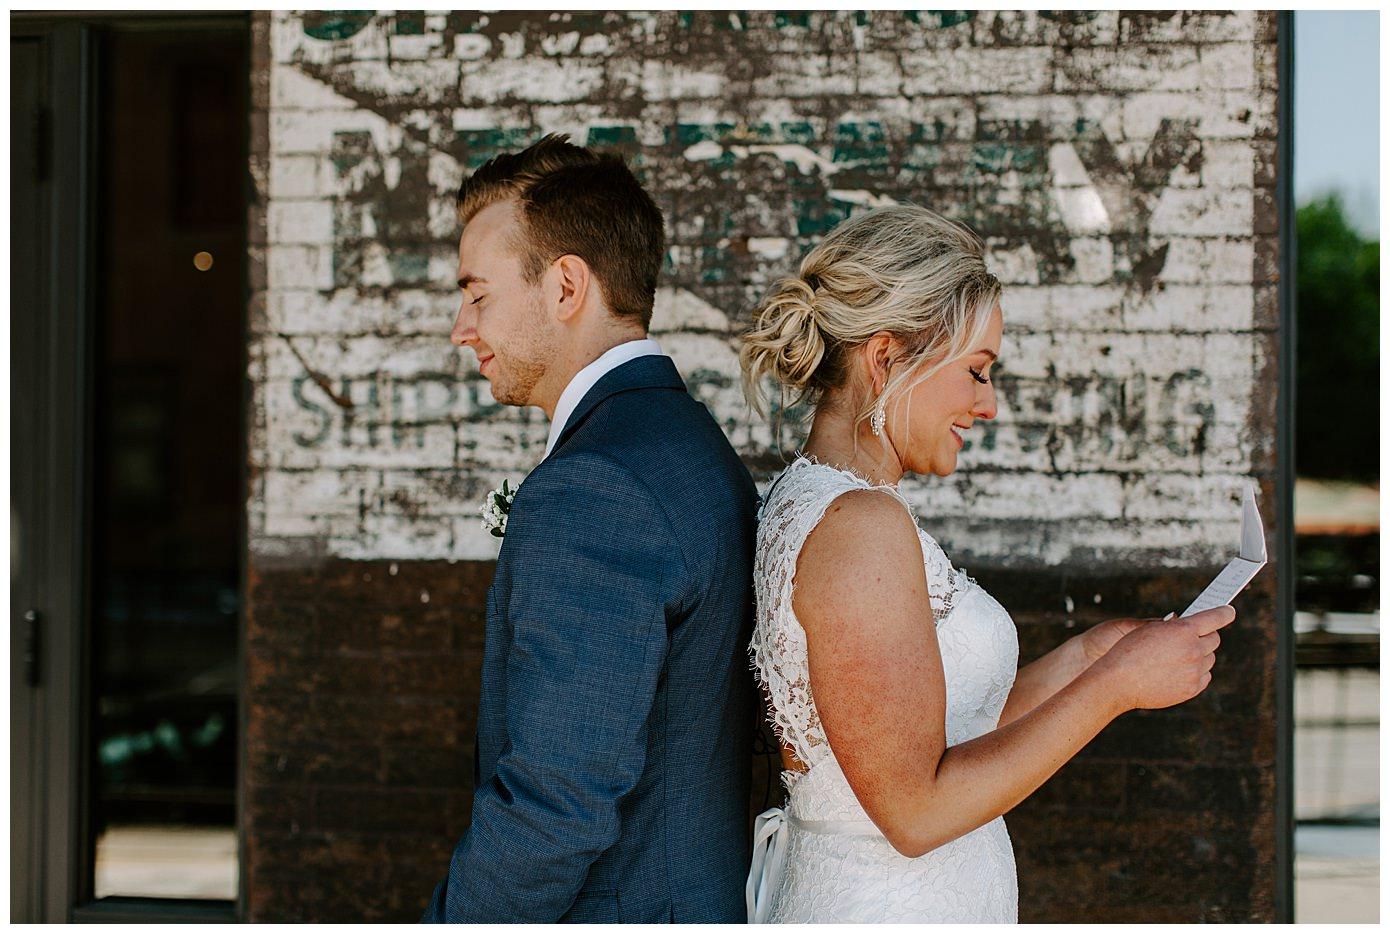 lumber exchange wedding minneapolis mn_0343.jpg